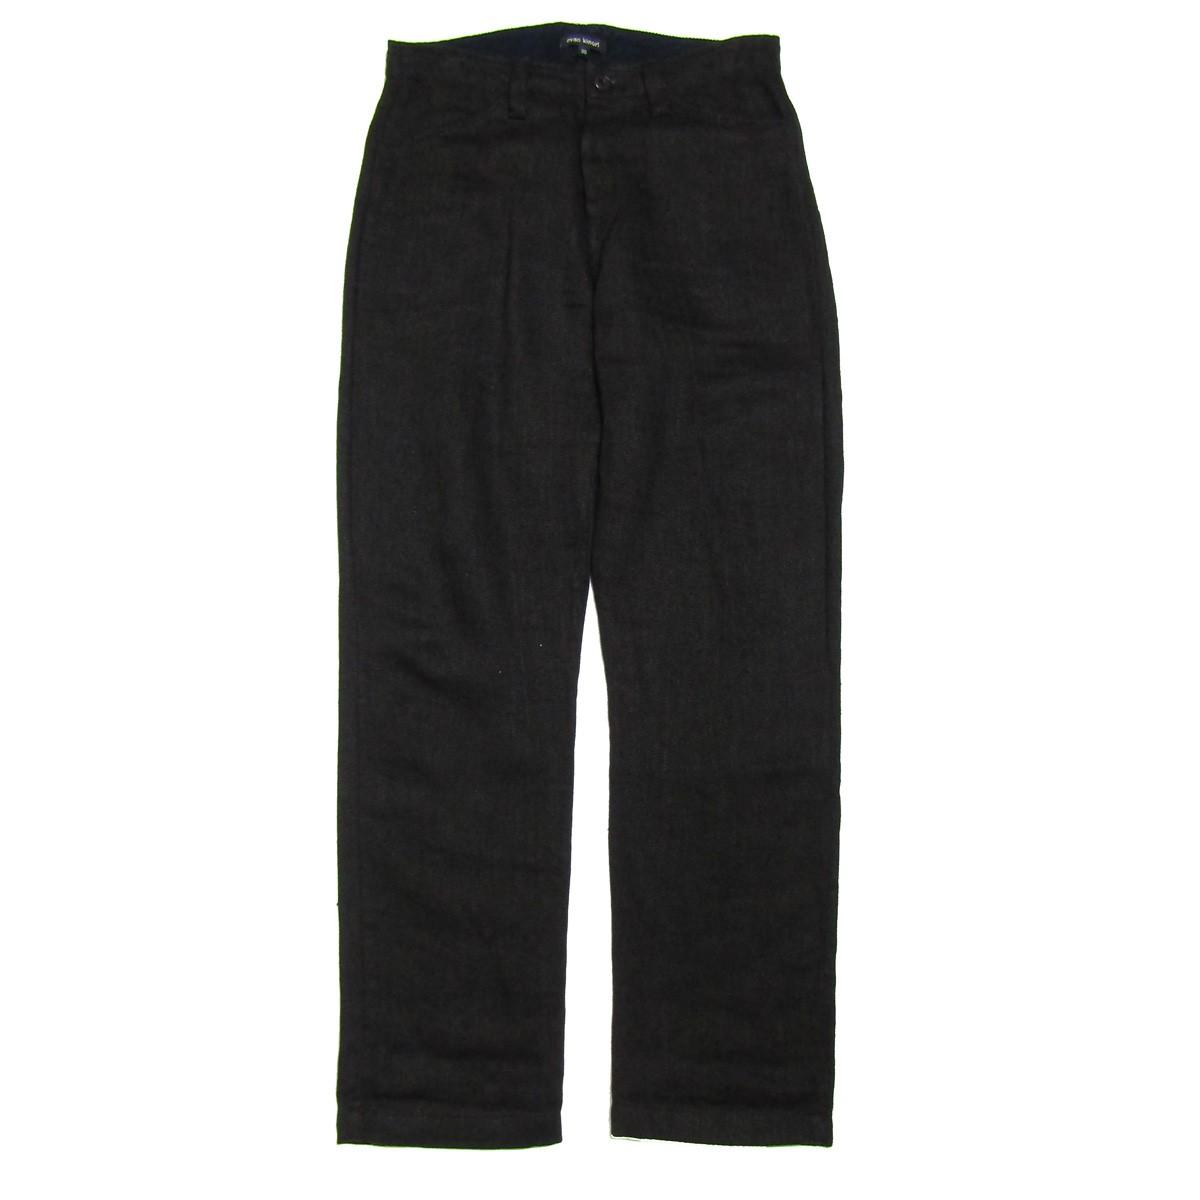 メンズファッション, ズボン・パンツ evan kinori Four Pocket Pant-Linen 30 070820